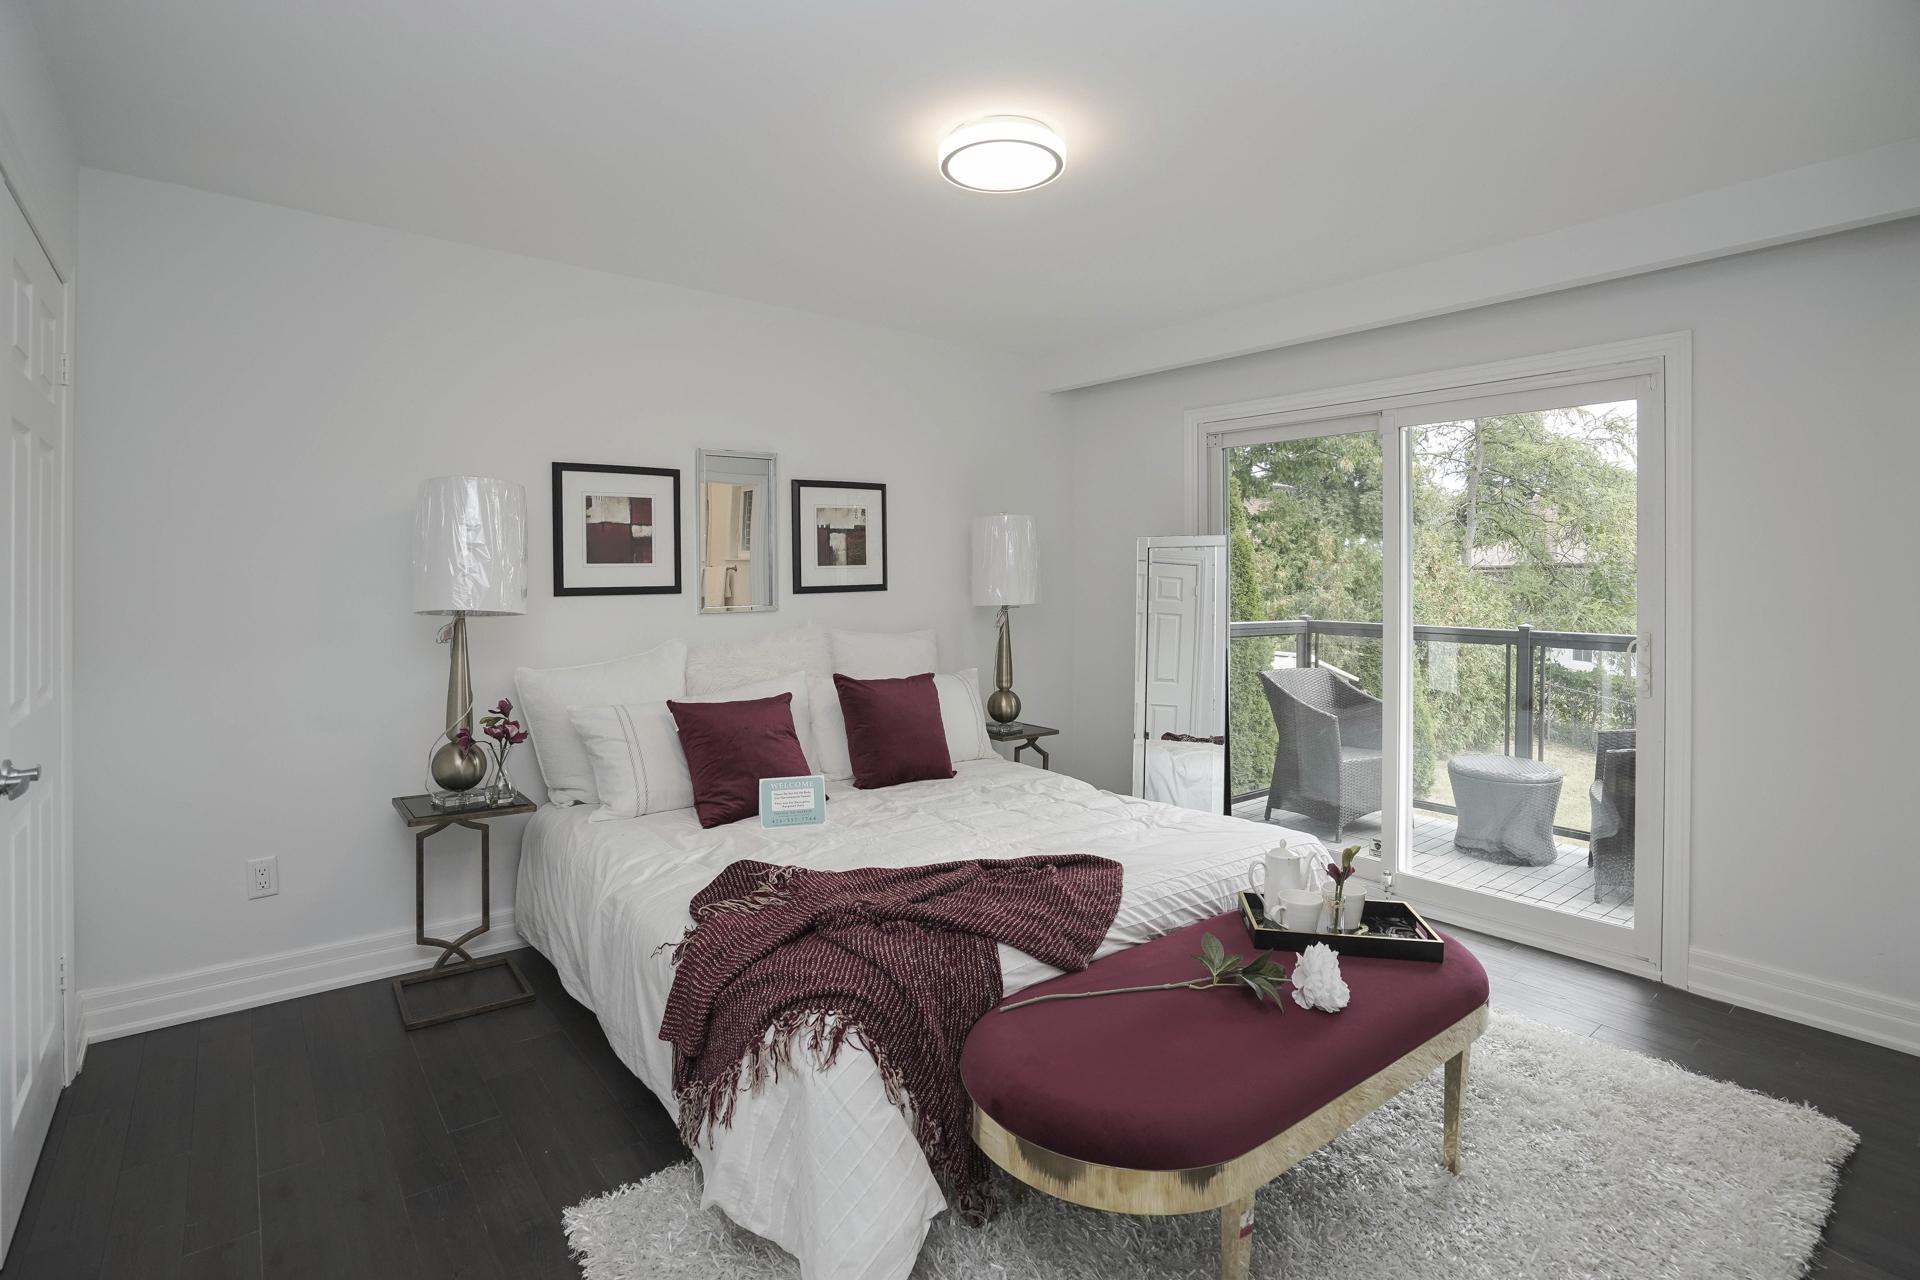 Master Bedroom, 571 Rathburn, Etobicoke Home Staging